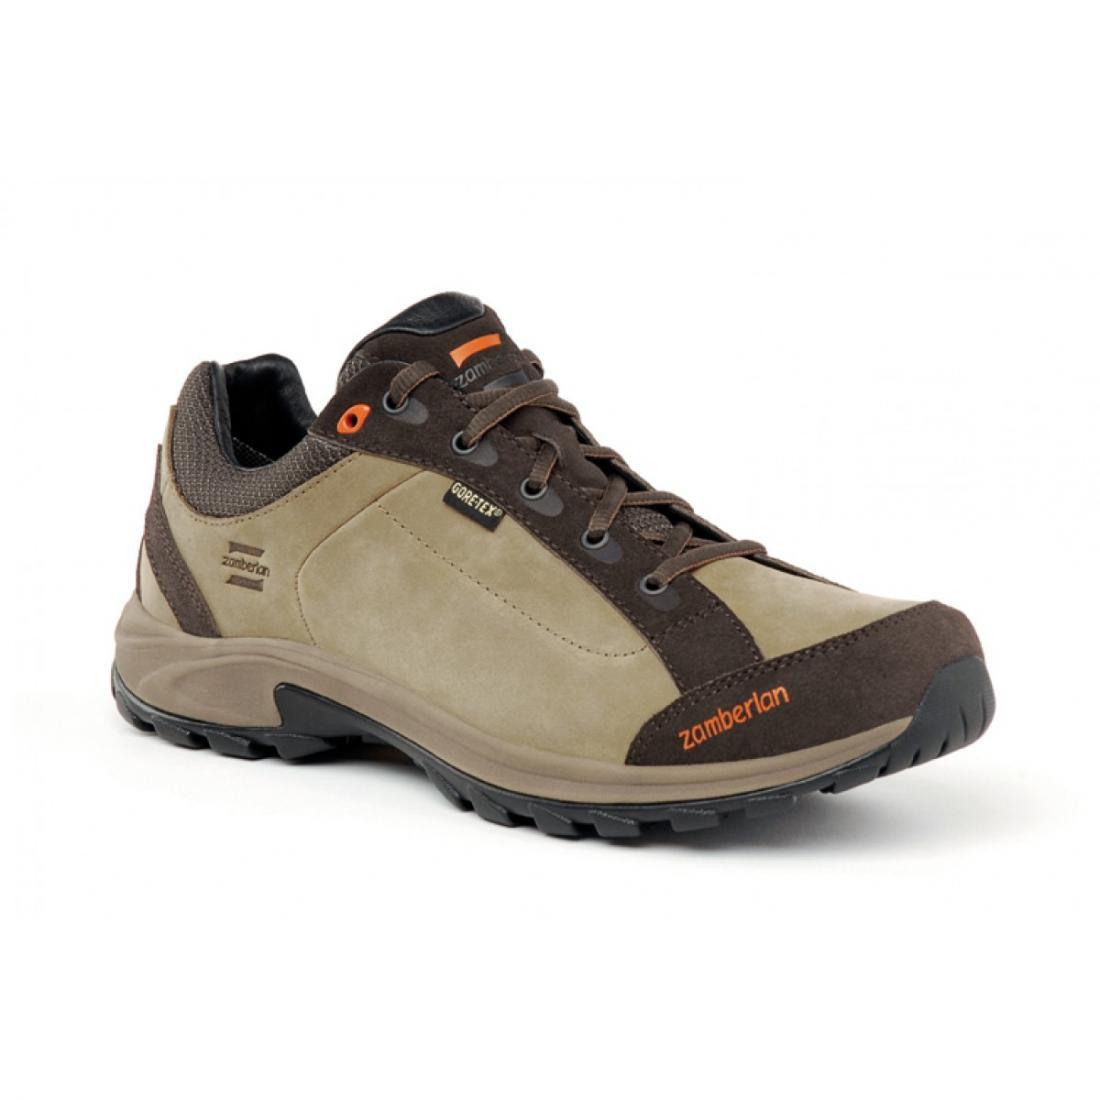 Ботинки 241 VISTA GTXТреккинговые<br><br><br>Цвет: Коричневый<br>Размер: 46